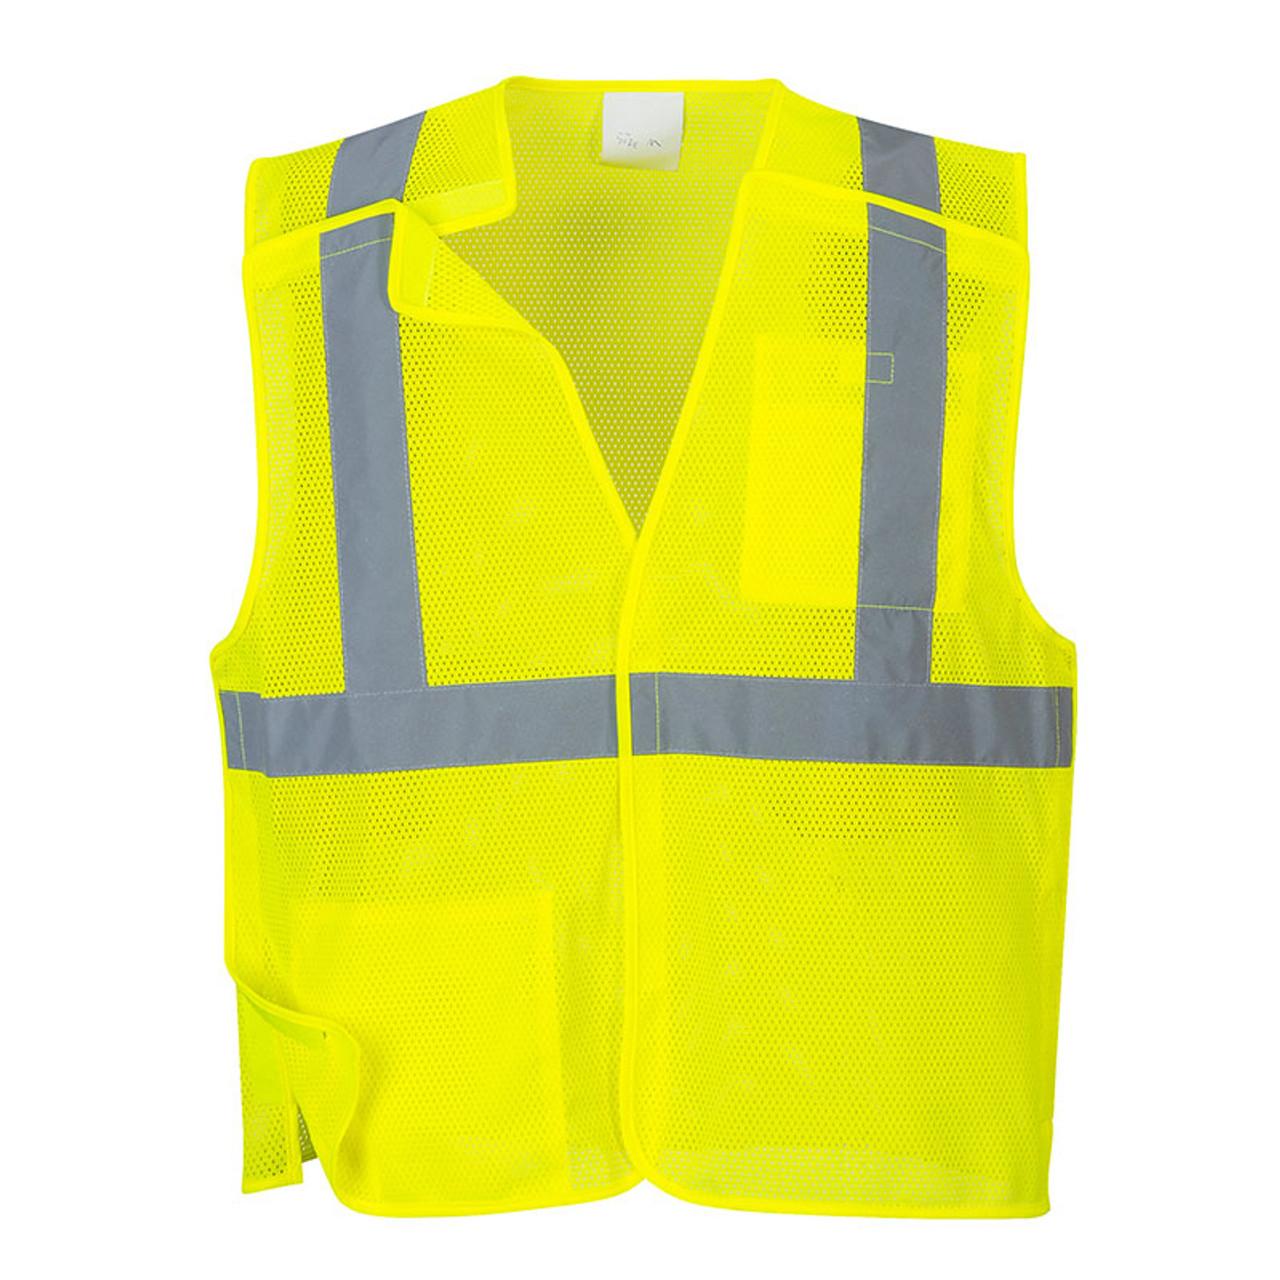 DEWALT DSV421 Class 2 Adjustable Breakaway Vest